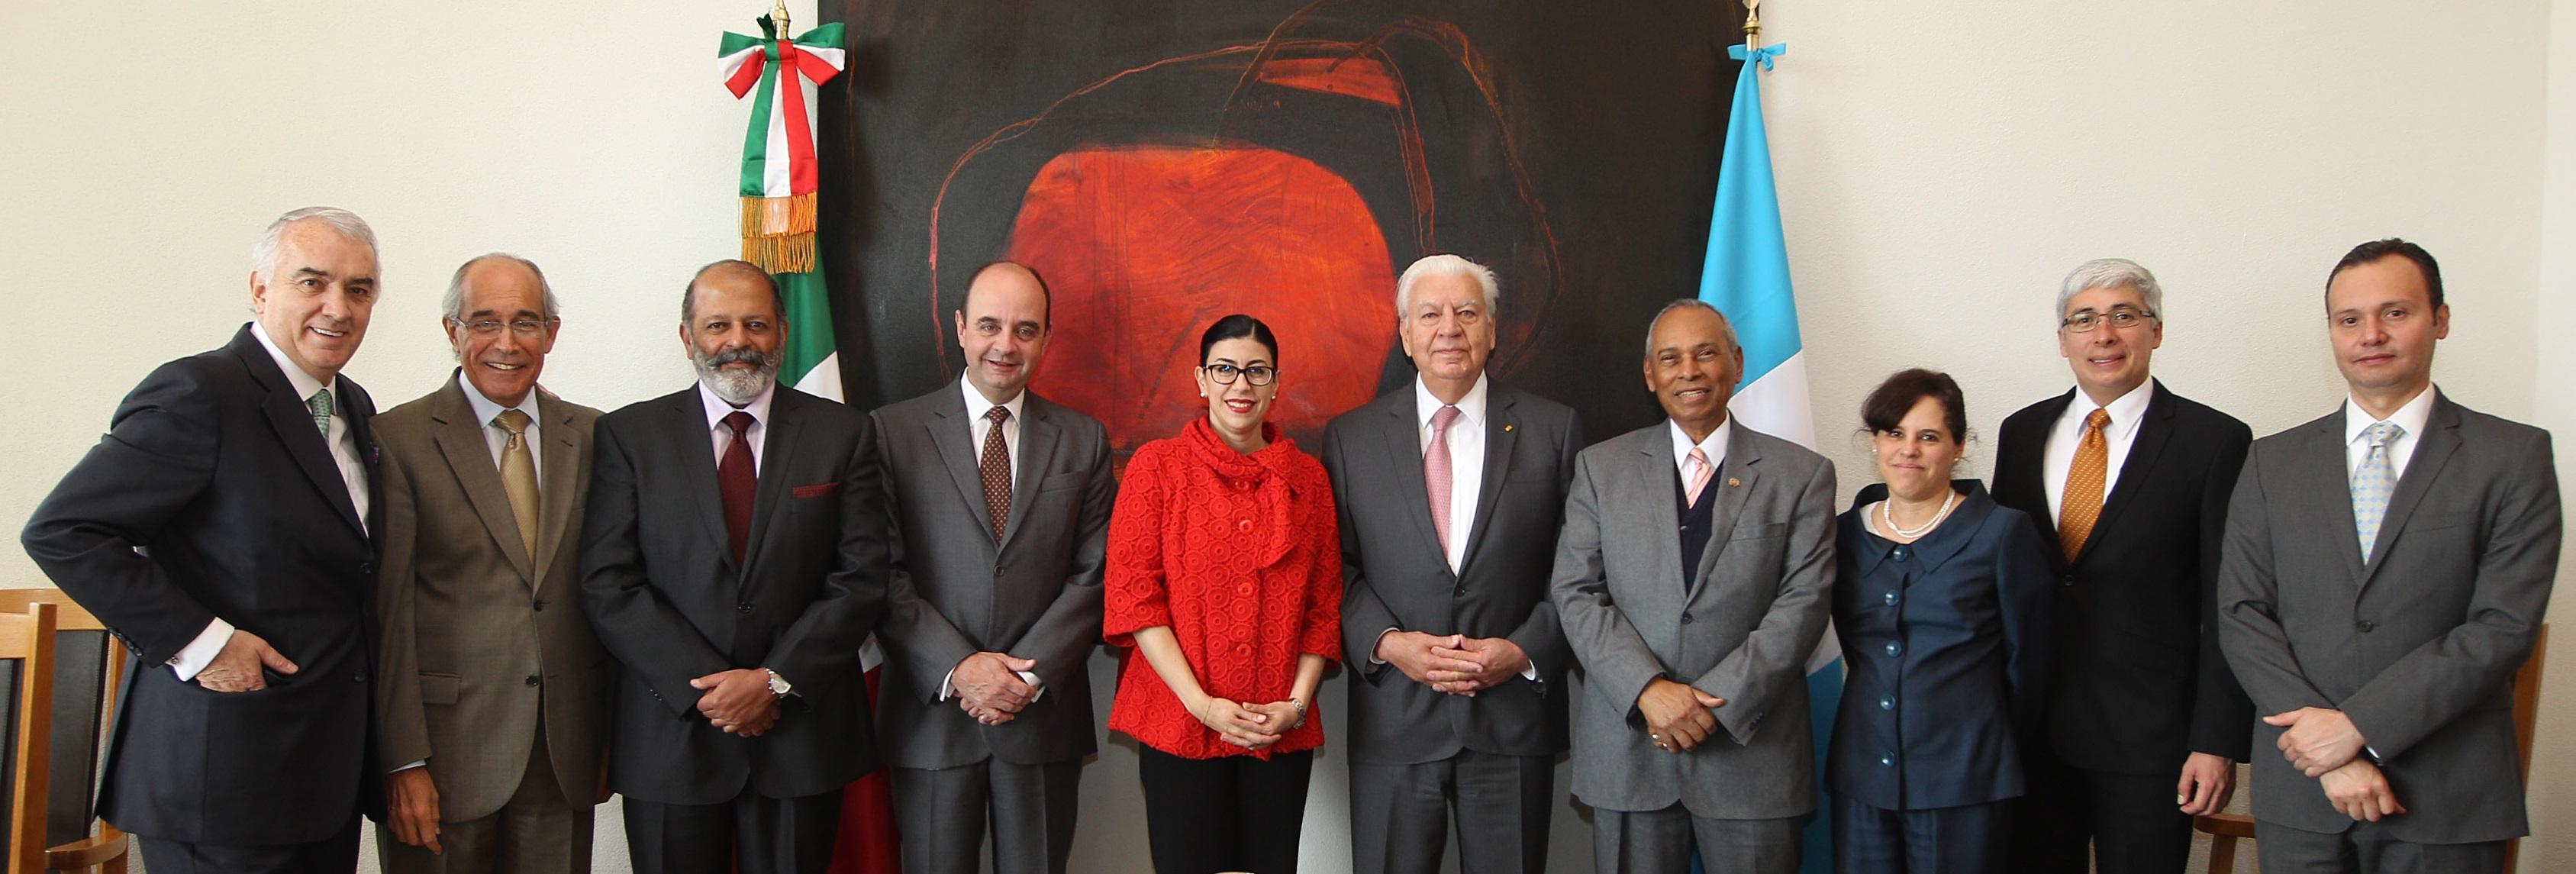 FOTO 2 Subsecretaria Vanessa Rubio con Fernando Andrade D az Dur n  embajador de Guatemala en M xicojpg